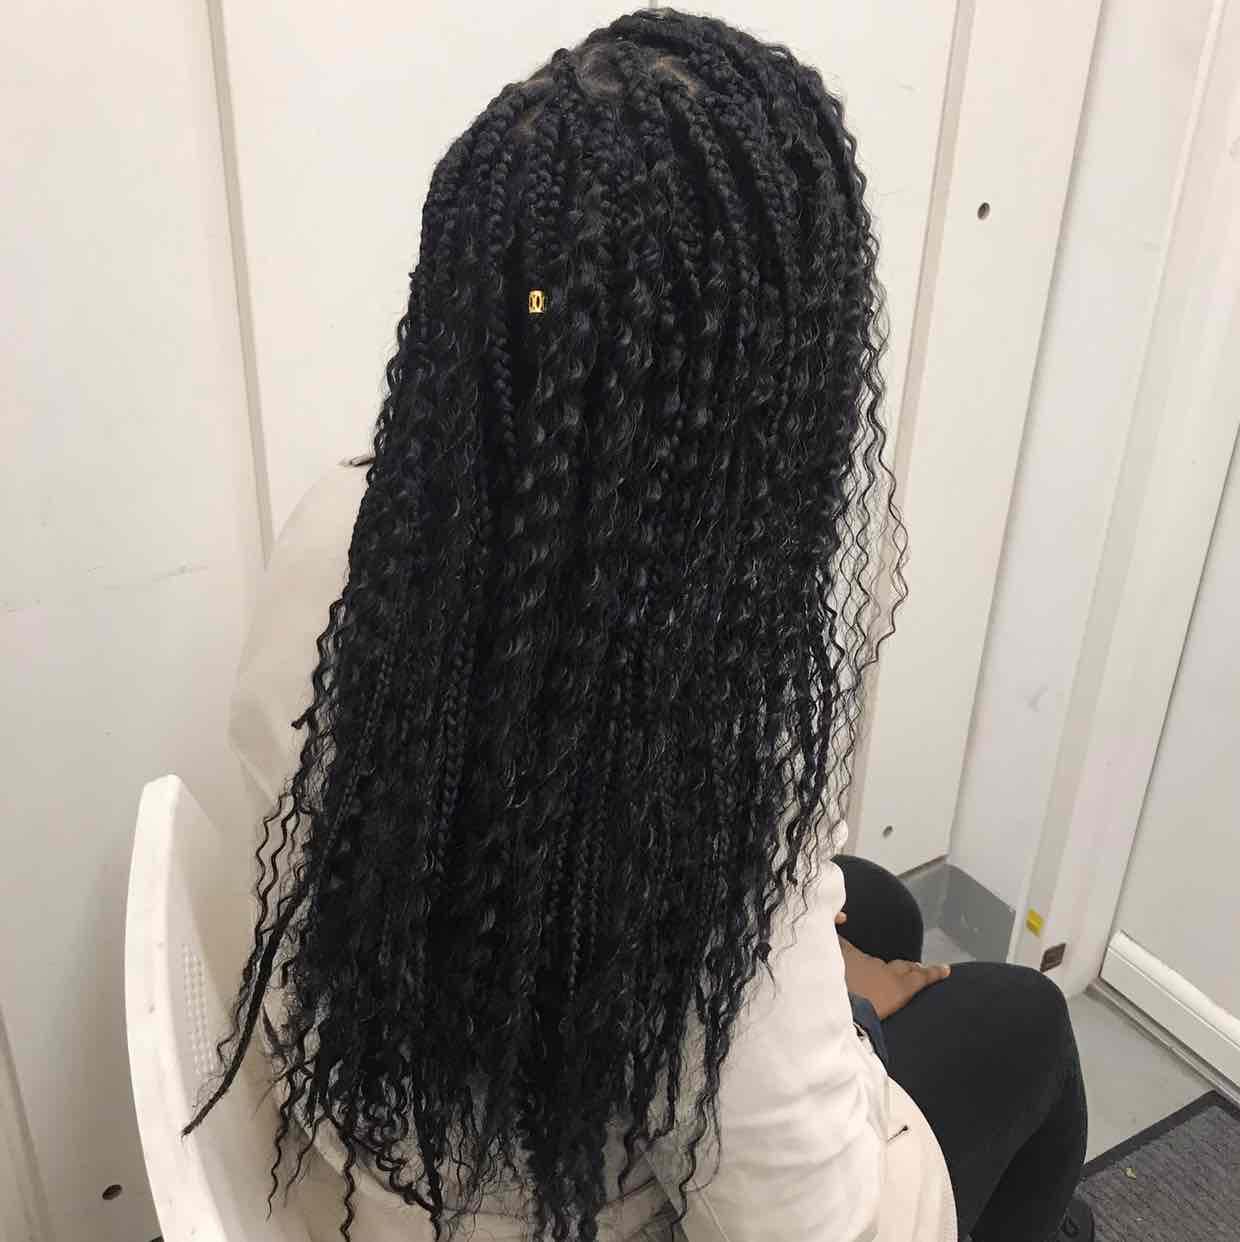 salon de coiffure afro tresse tresses box braids crochet braids vanilles tissages paris 75 77 78 91 92 93 94 95 OAXBKMMZ